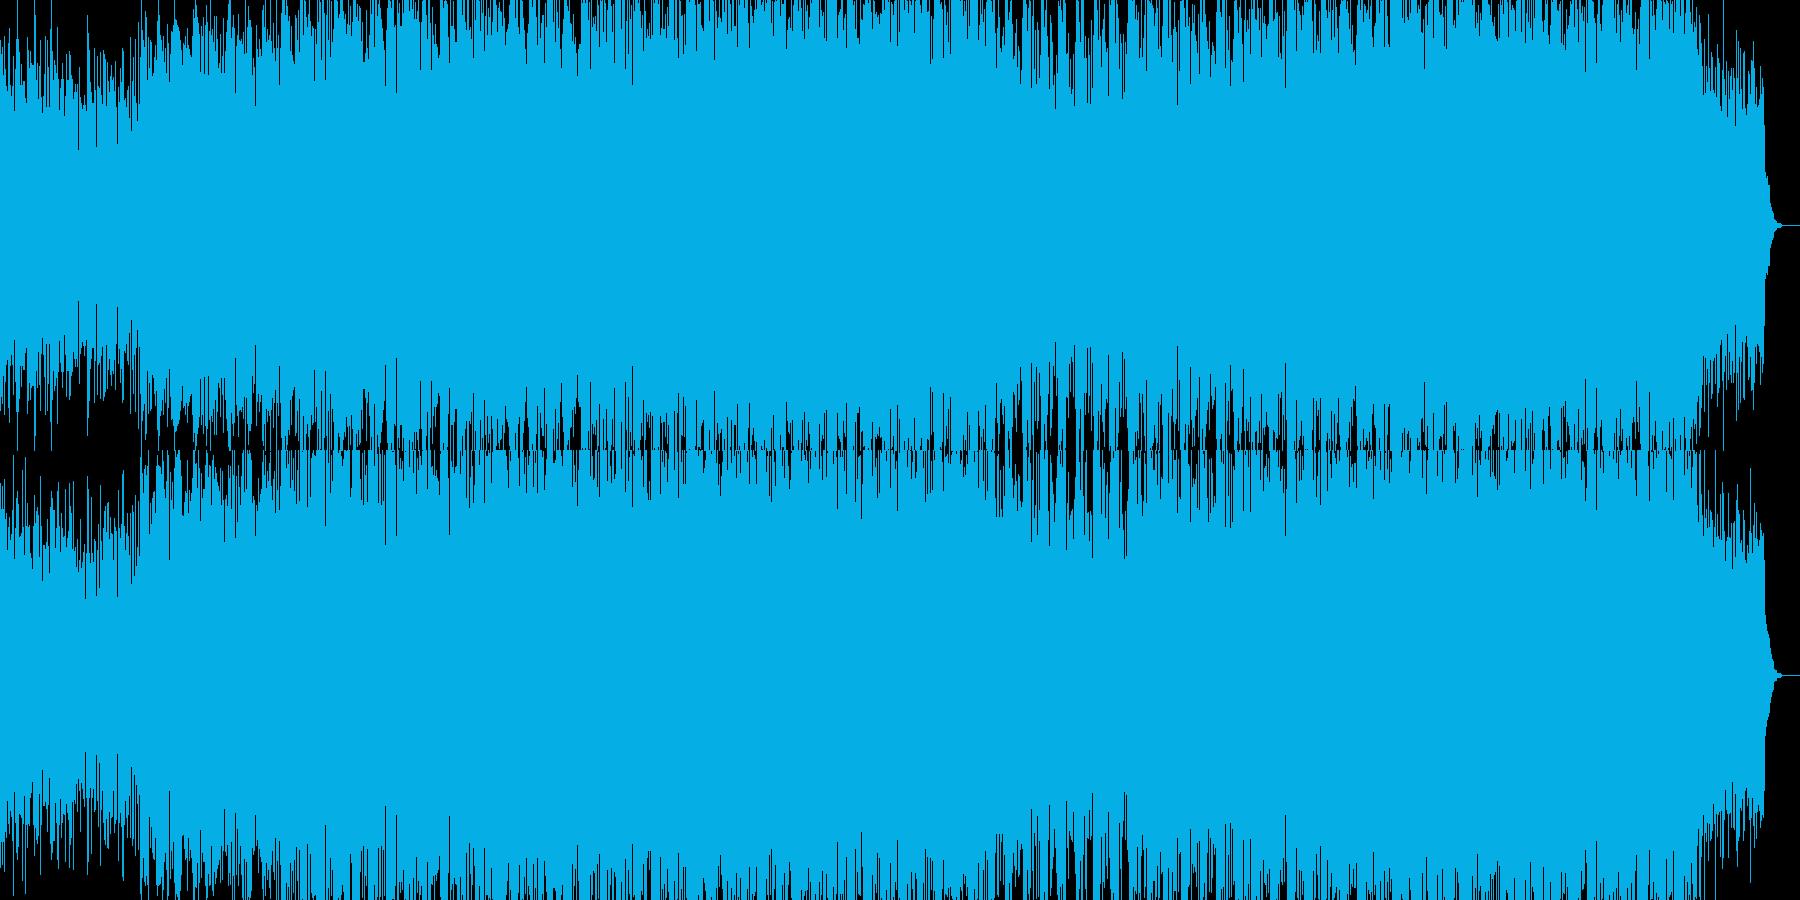 映画音楽、荘厳重厚、映像向け-33の再生済みの波形